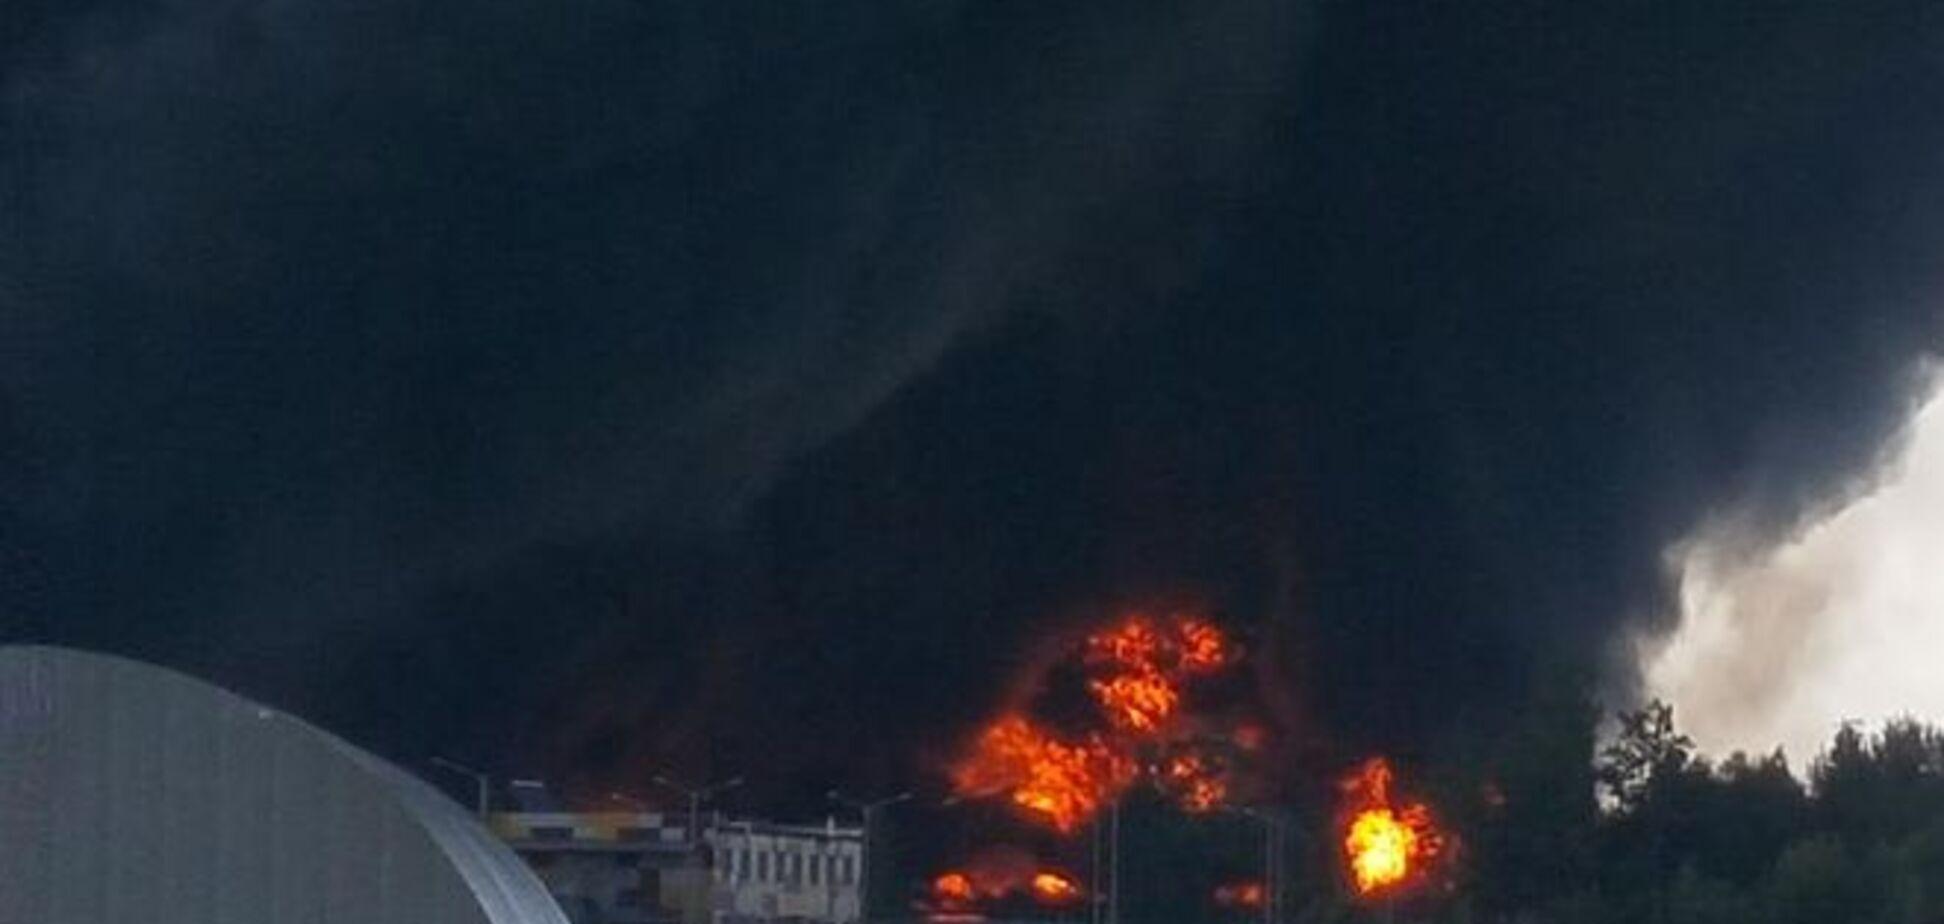 Загроза спалаху ще однієї нафтобази: персонал і техніку евакуювали